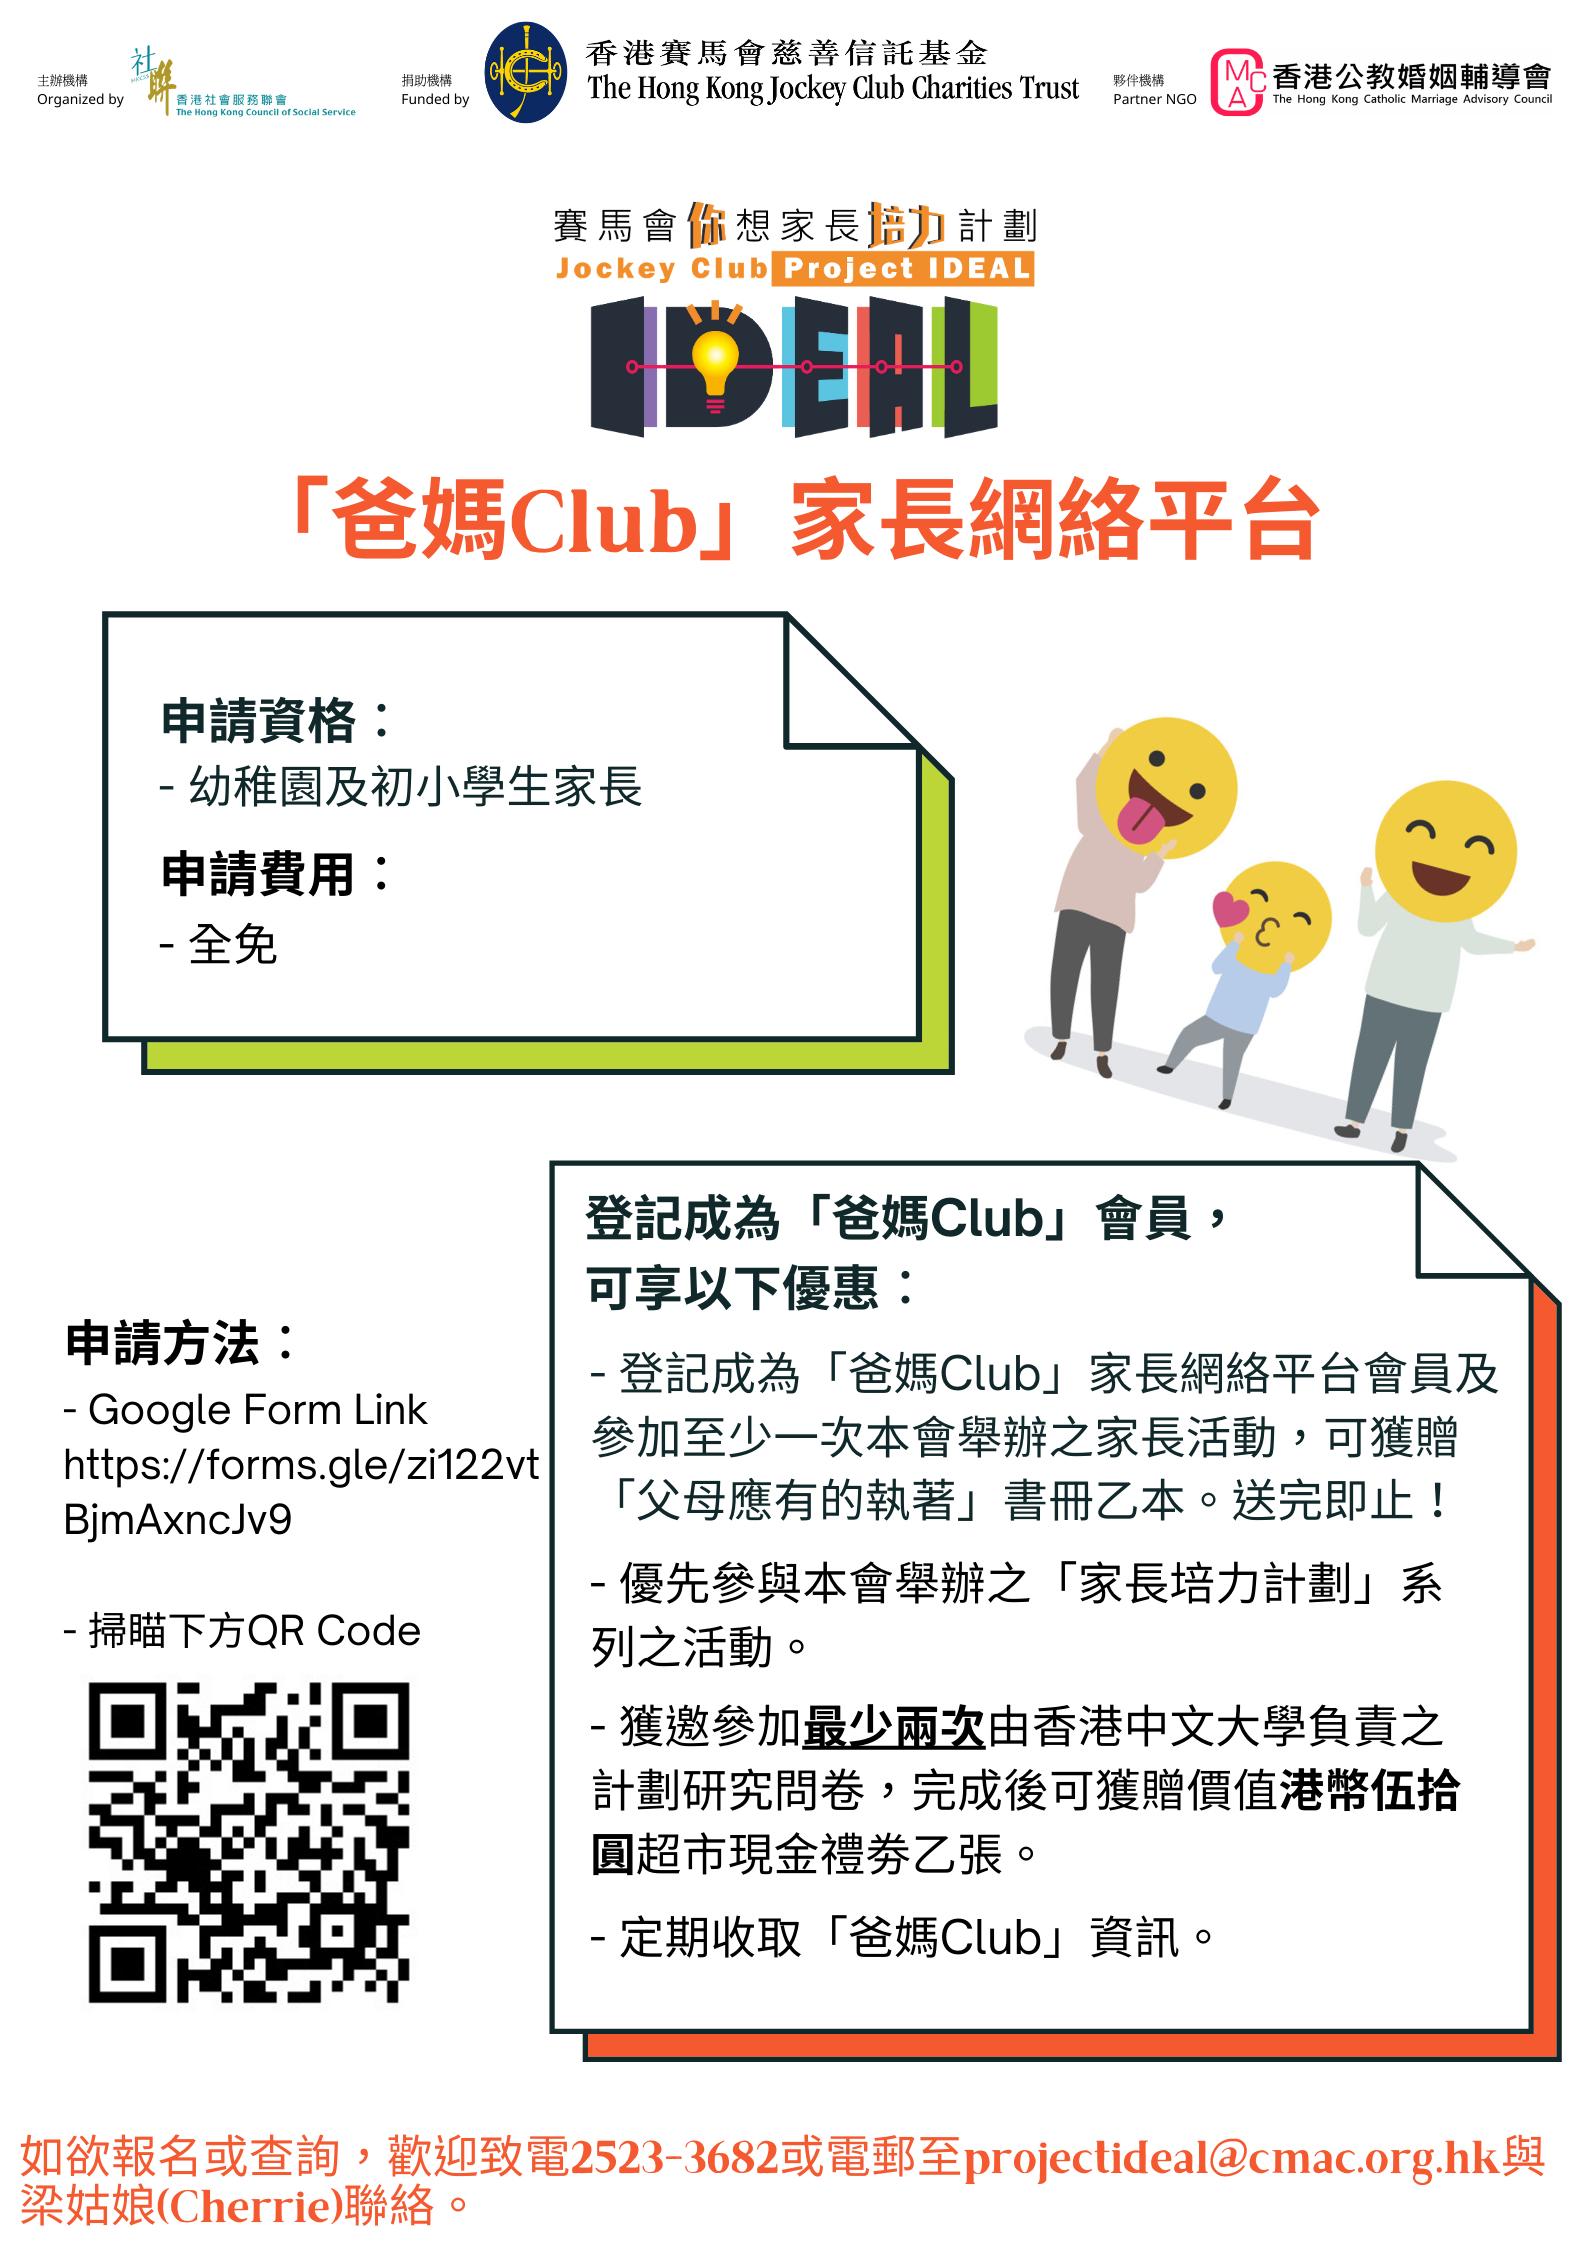 「爸媽Club」家長網絡平台